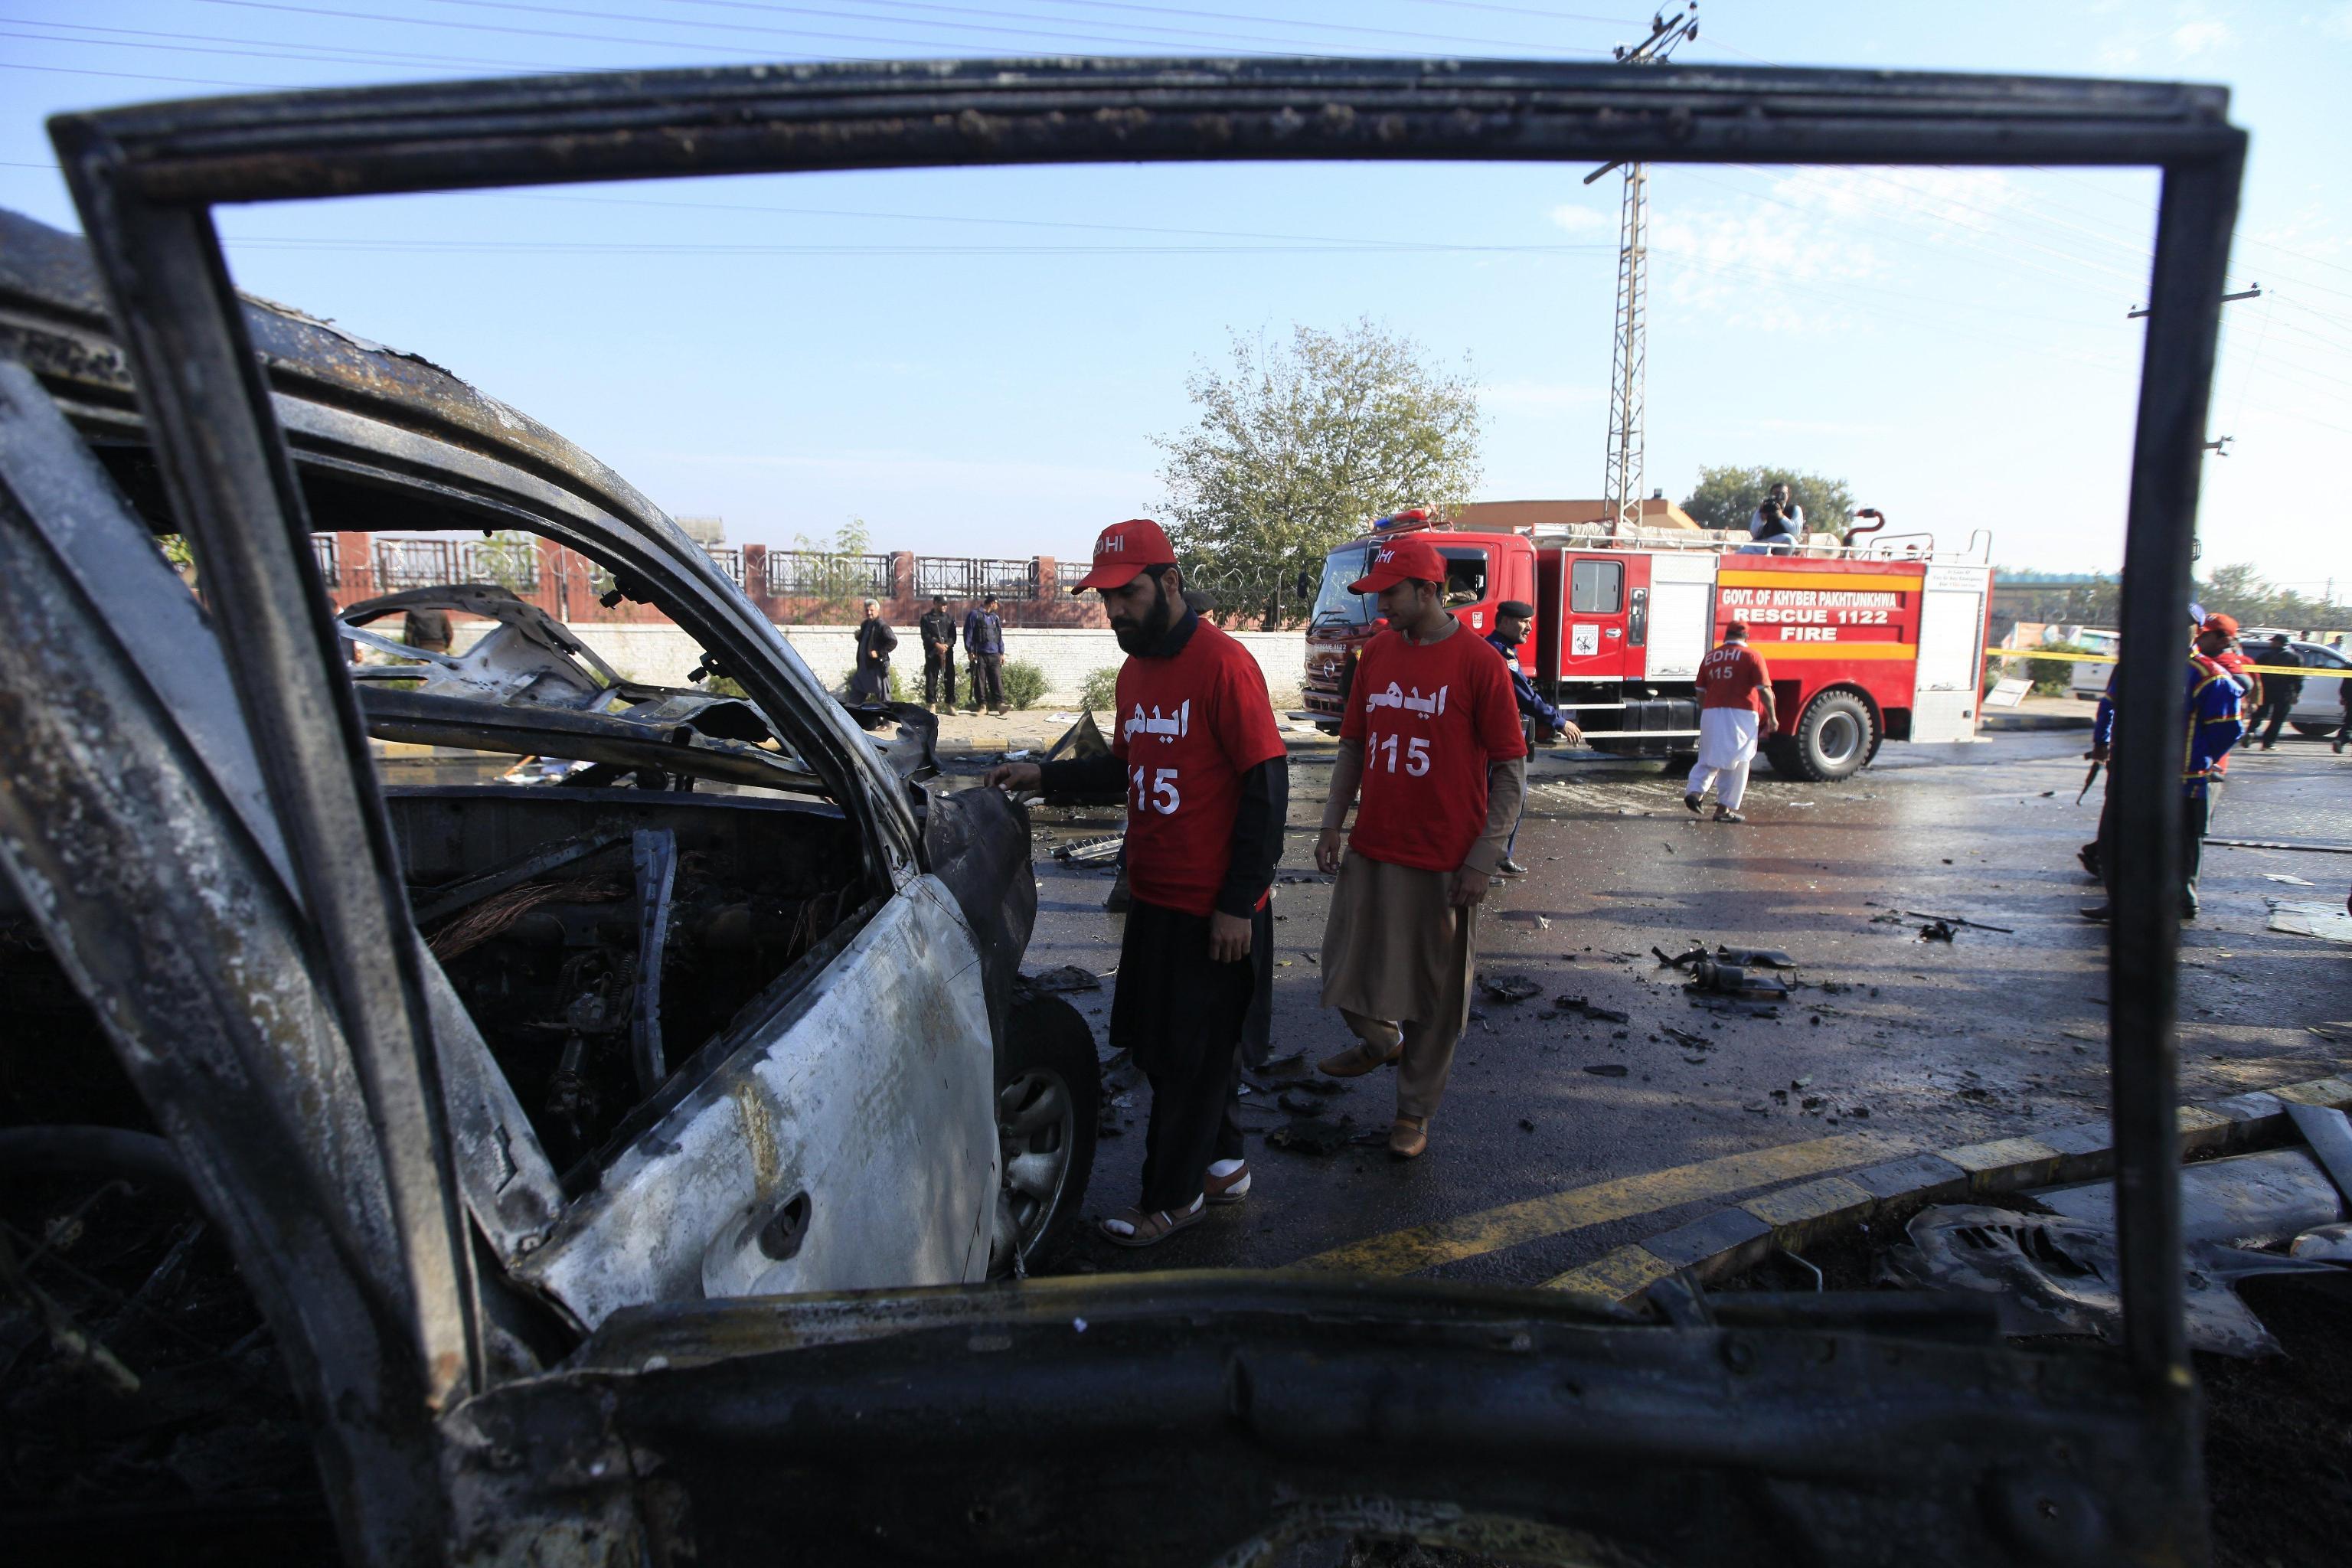 Gli ufficiali di sicurezza pakistani ispezionano i resti del veicolo sul quale viaggiavano l'agente di polizia e i suoi aiutanti